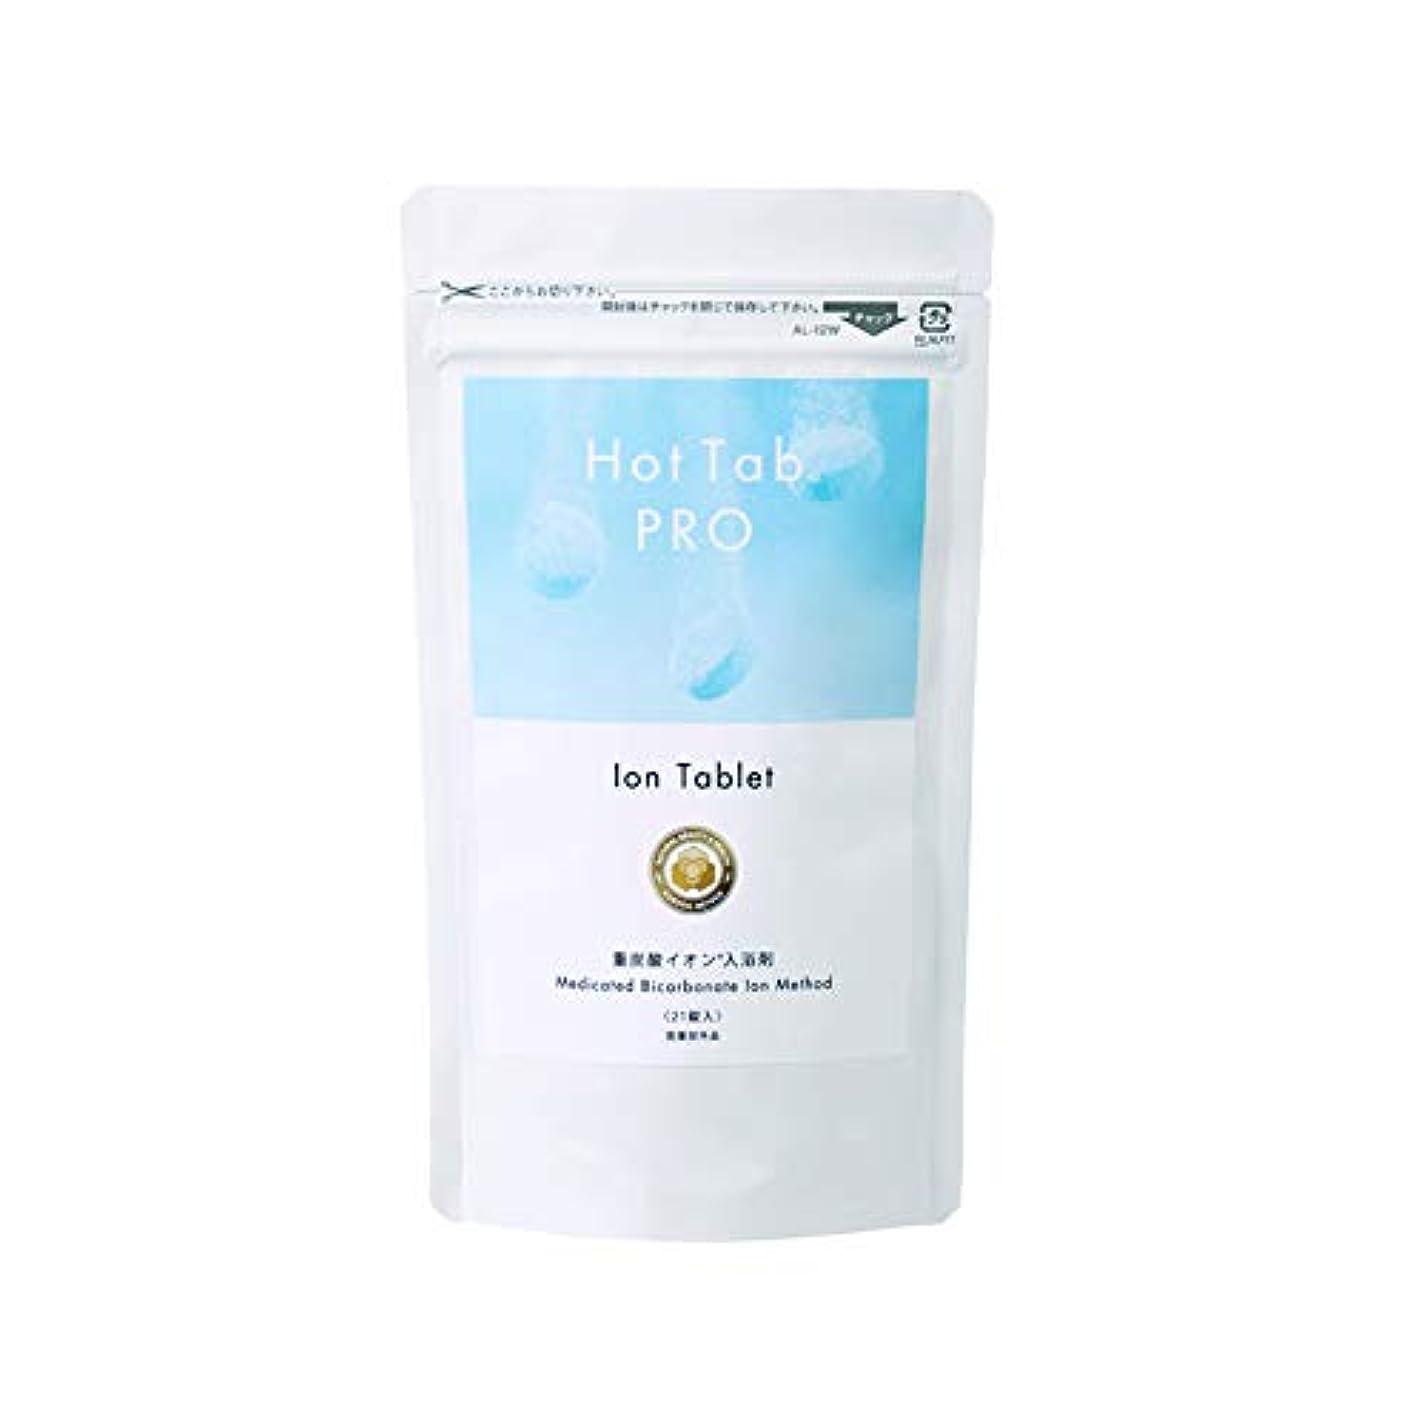 デュアル機会立法最新型 日本製なめらか重炭酸入浴剤「ホットタブPro」(デリケートな肌でも安心 無香料 無着色 中性pH) (21錠セット)